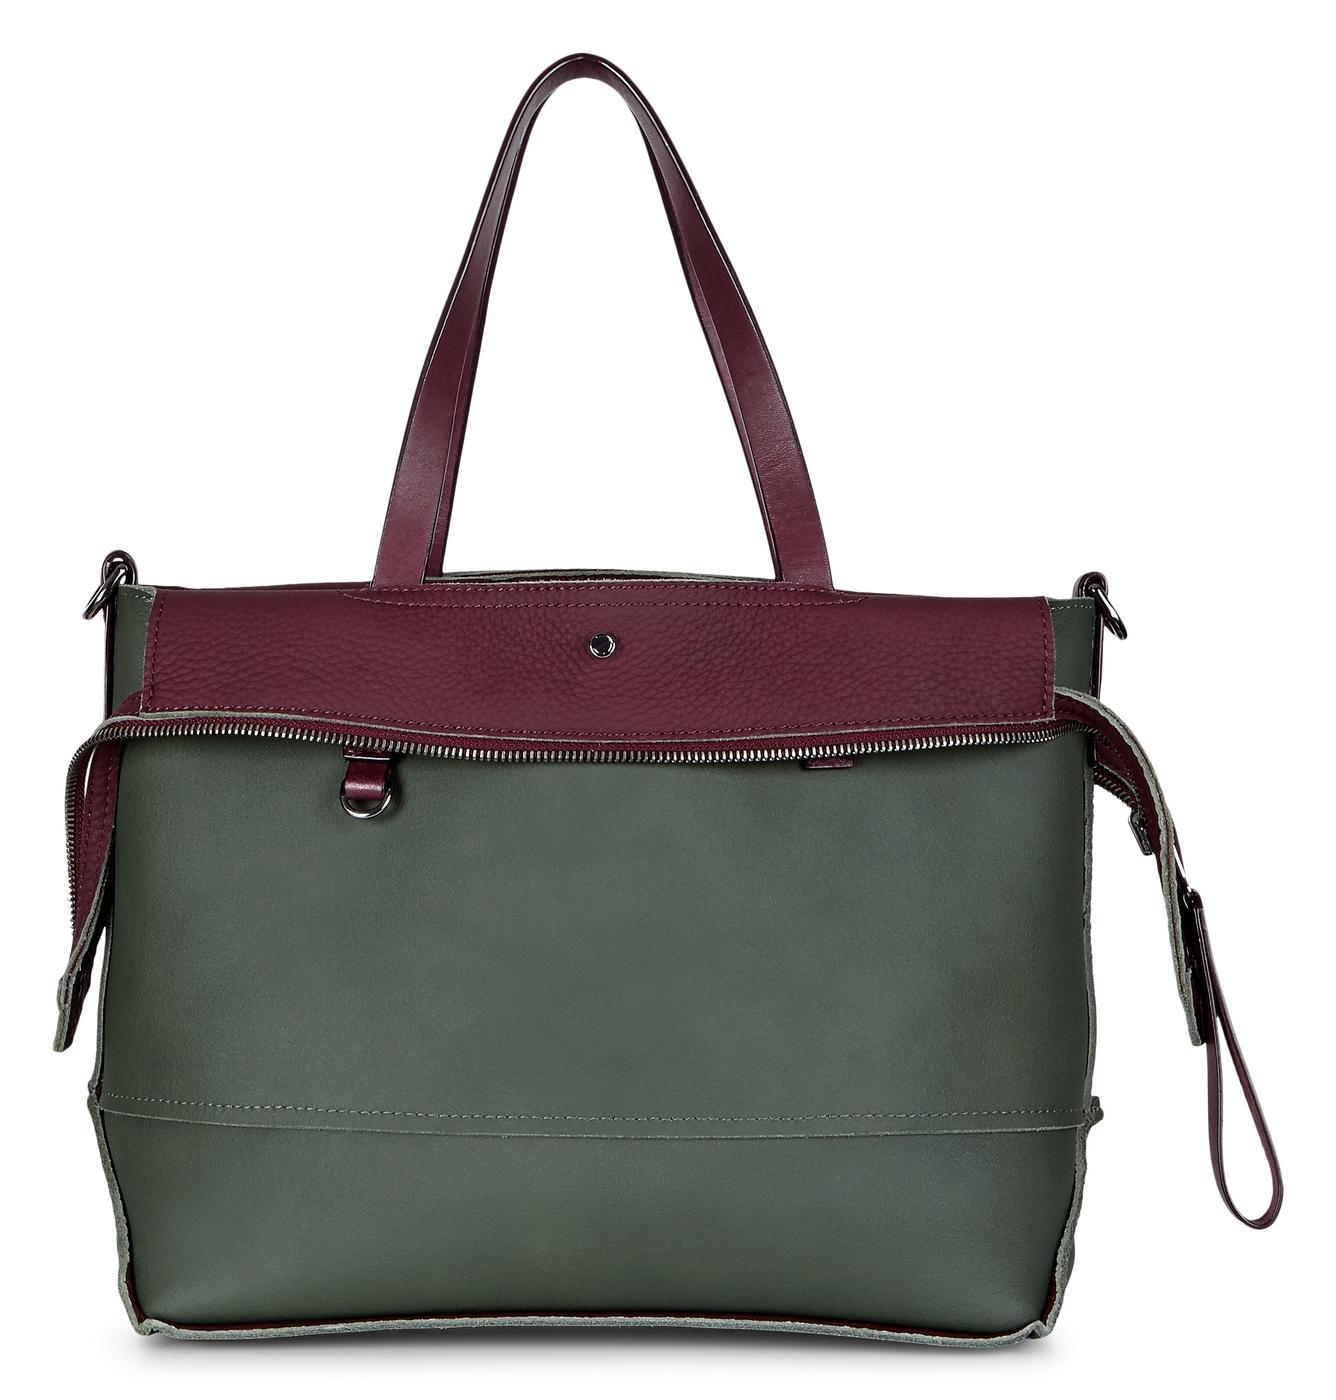 ECCO JILIN TANDEM Small Shopper Bag